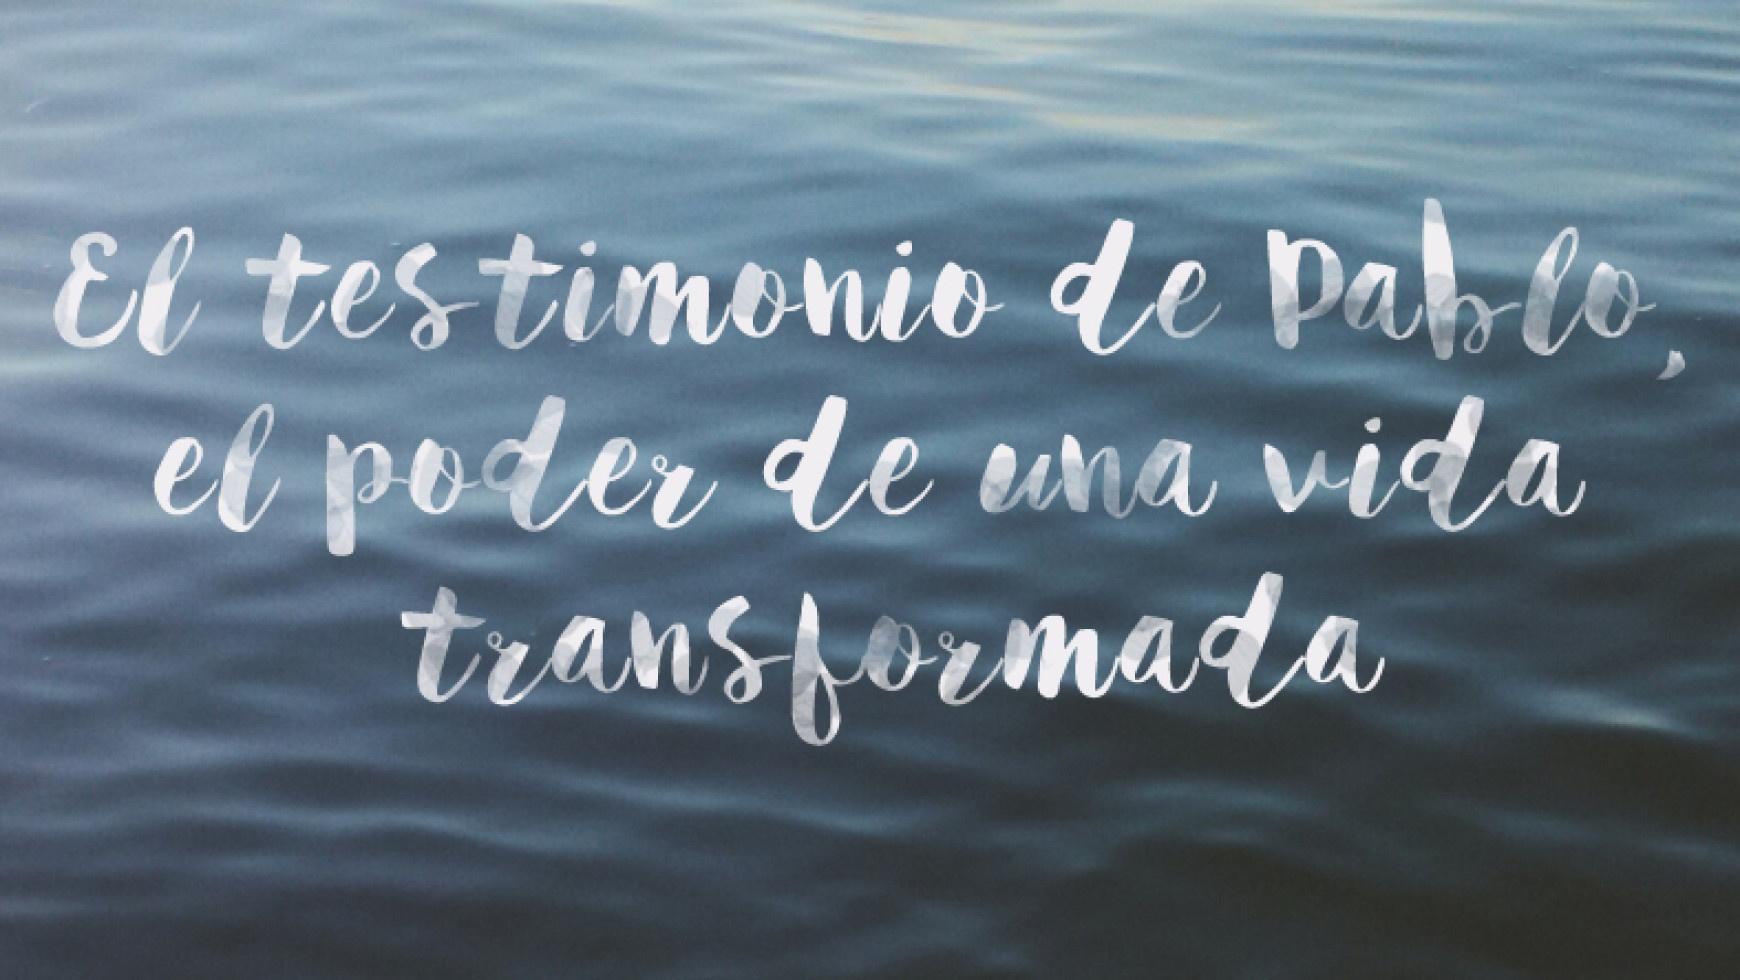 Predicacion: El testimonio de Pablo, el poder de una vida transformada (15/03/2015)